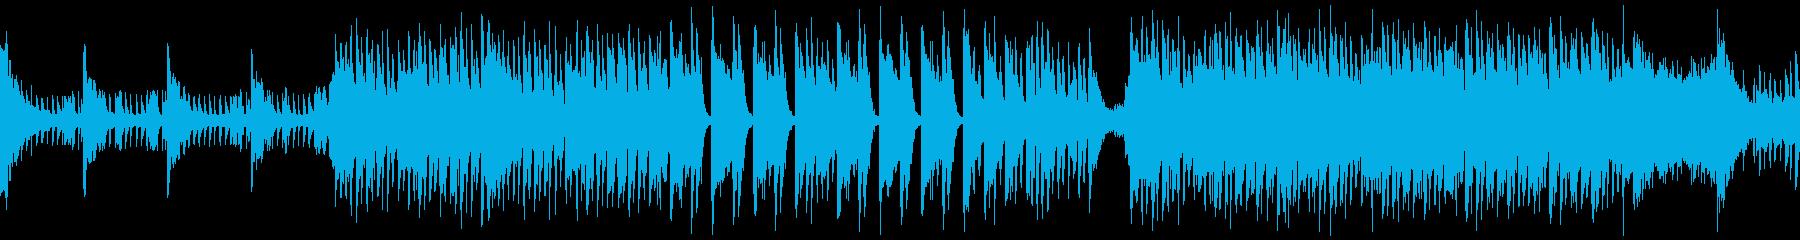 明るく軽快なマリンバのマーチング風BGMの再生済みの波形